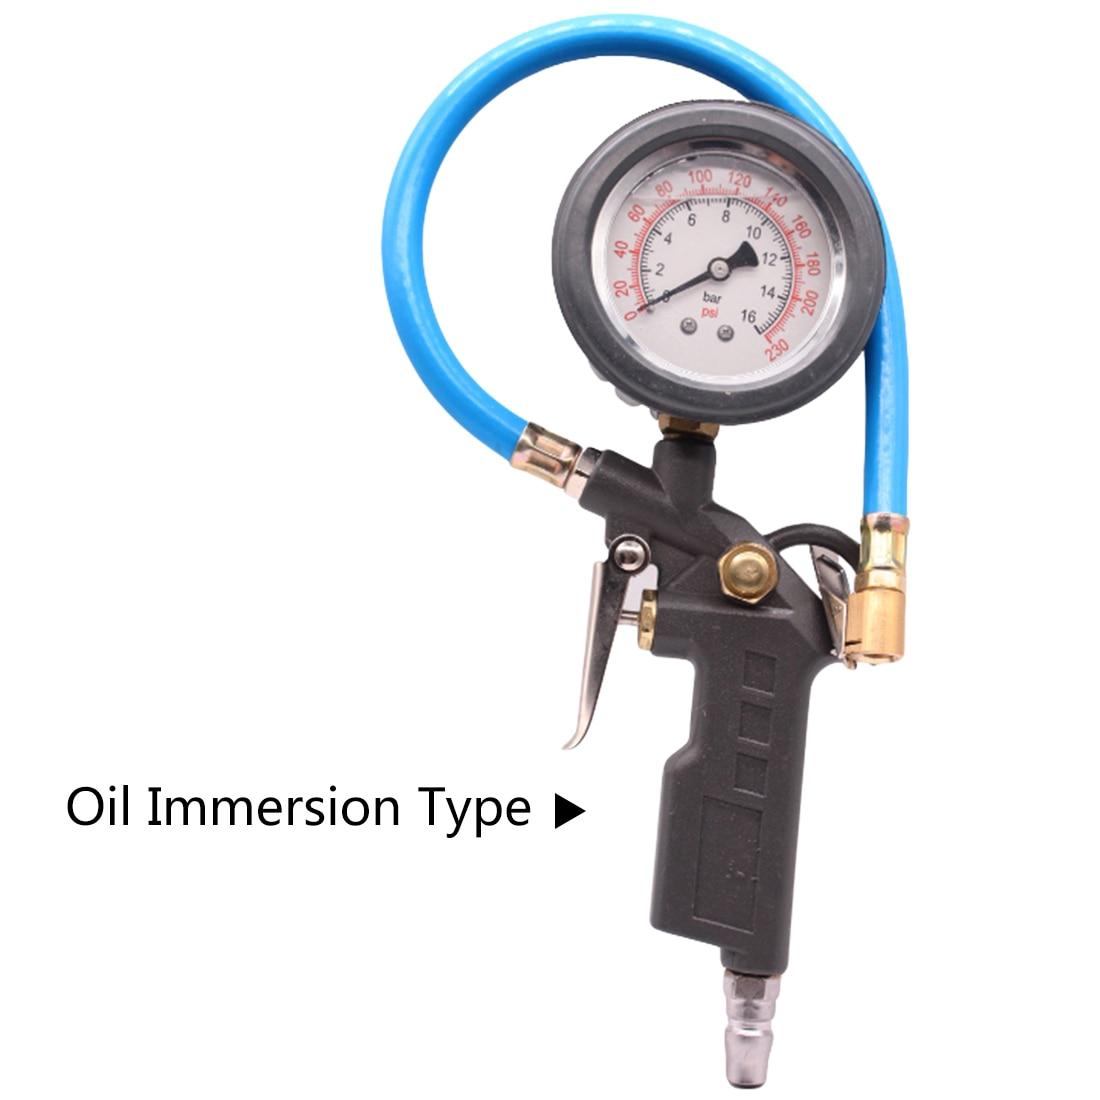 Автомобильный ЖК-дисплей цифровой 0-220PSI воздушный шиномонтажный манометр измерительный прибор